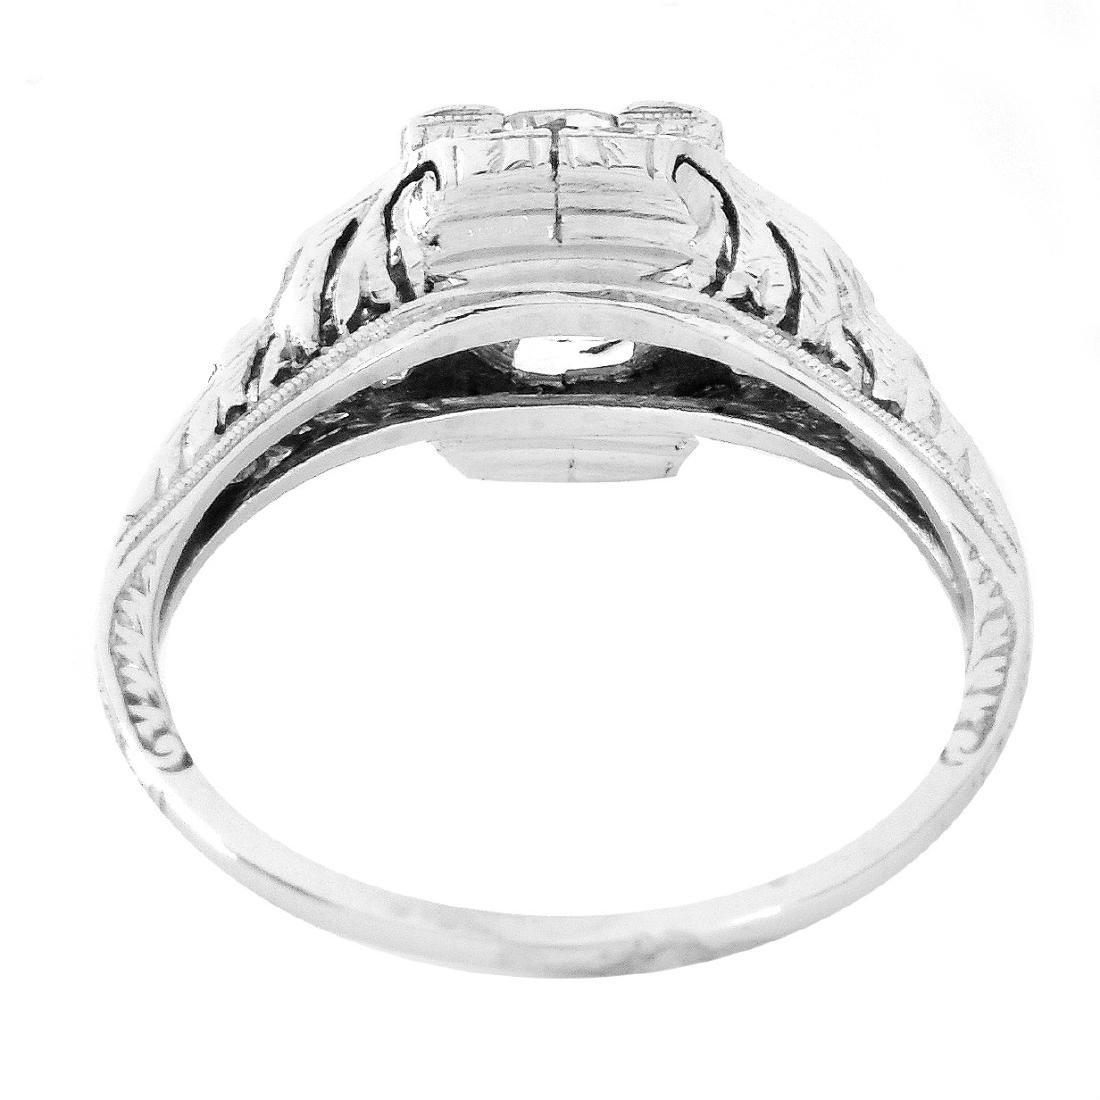 Art Deco 1.30 Carat TW Diamond and Platinum Ring - 4